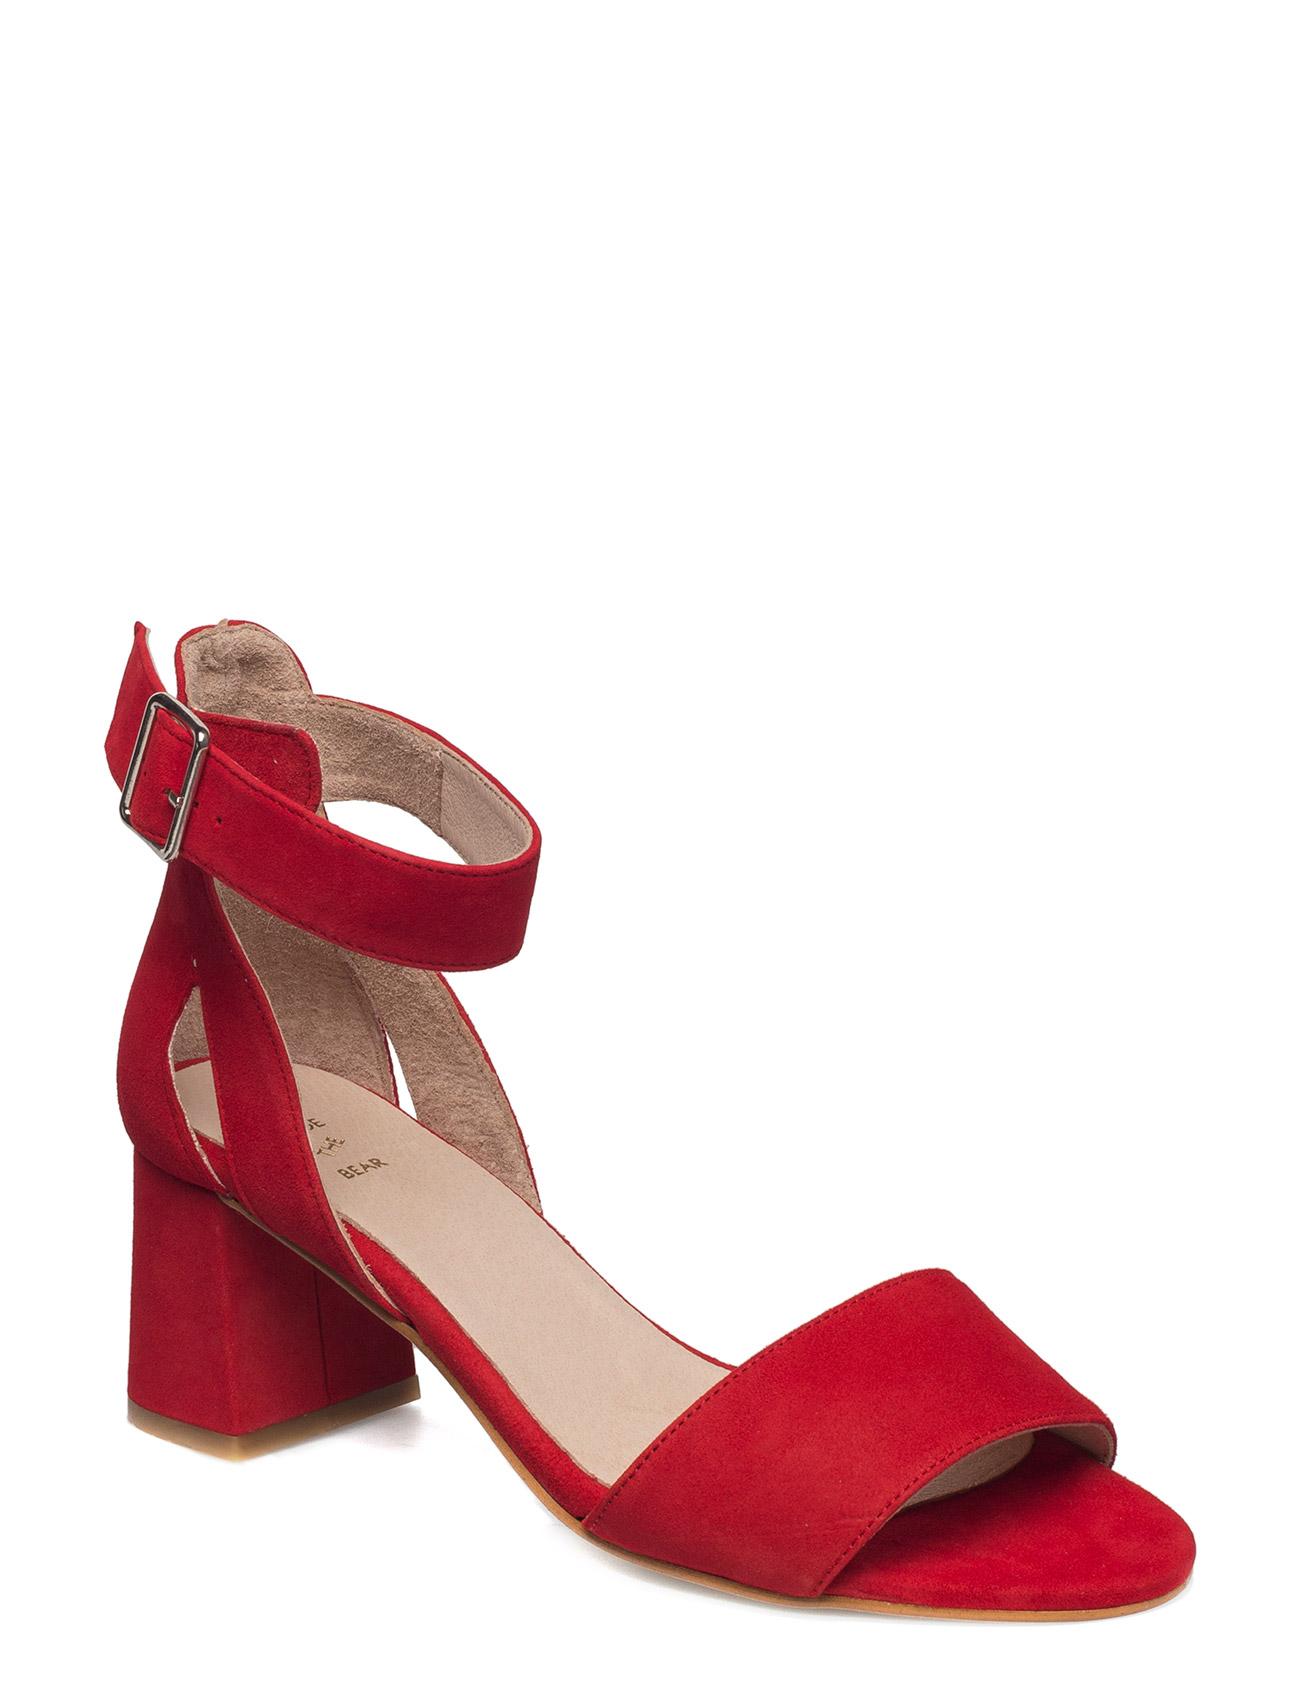 ca4a647da4f Shoe Køb - find billige udsalg tilbud - Billige forhandlere med ...